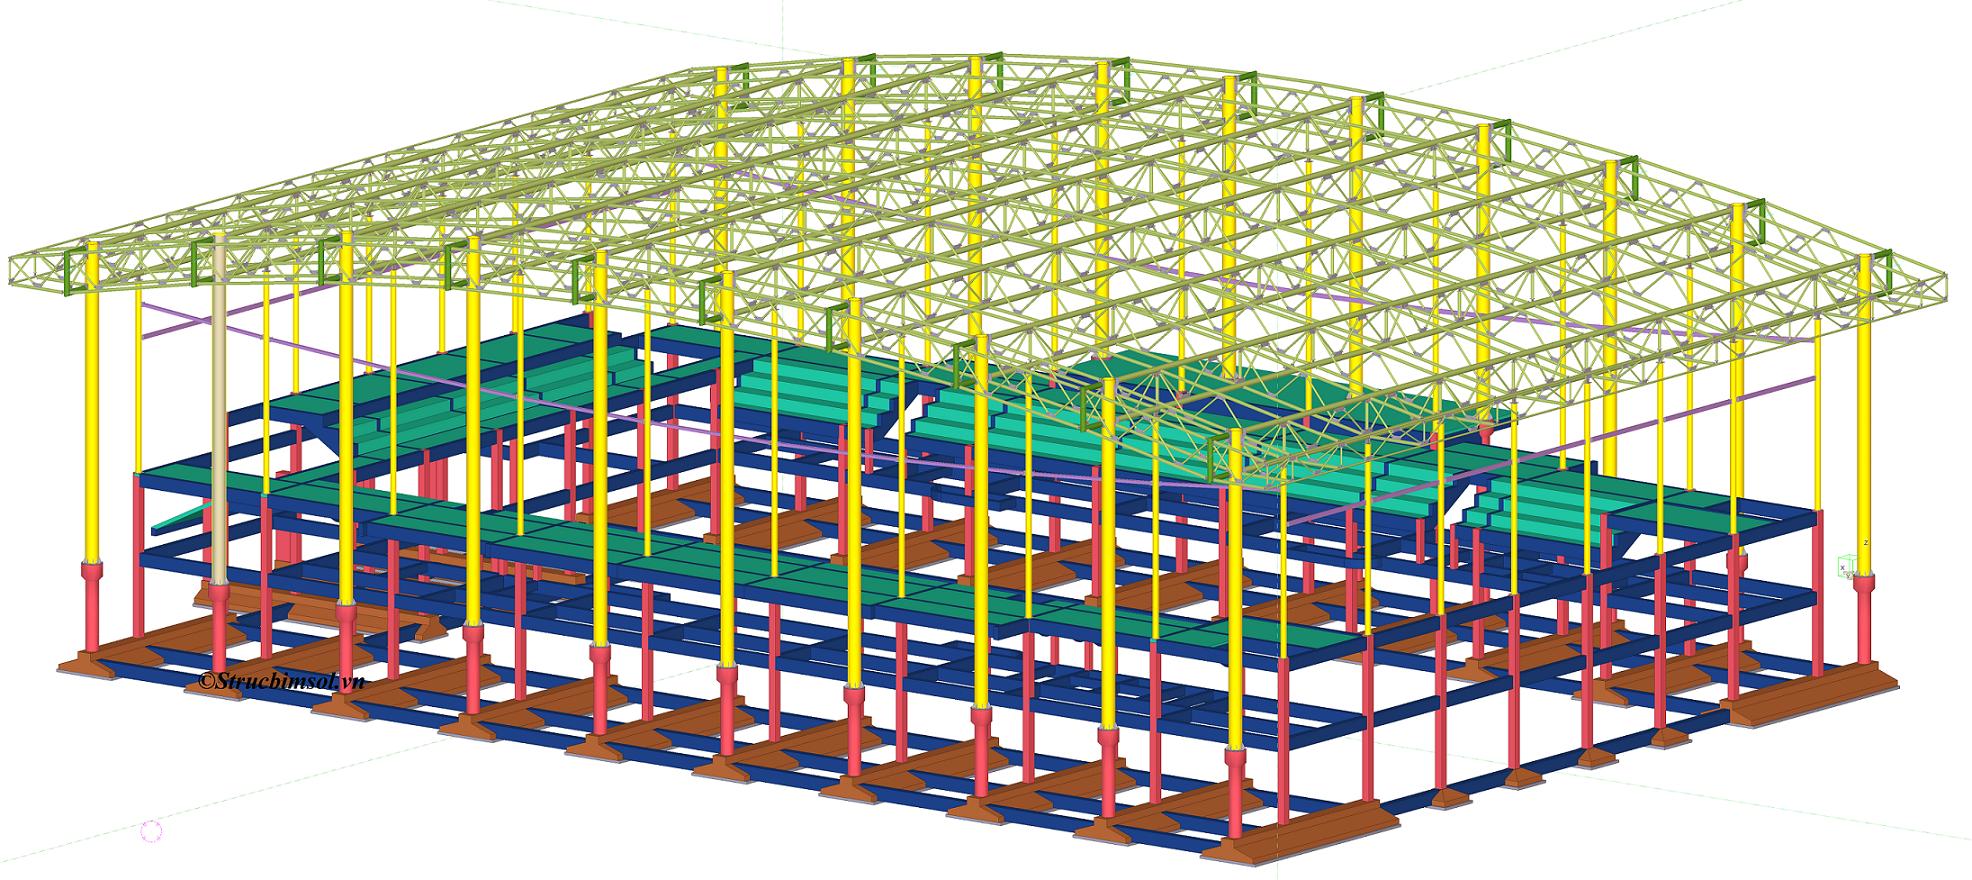 CIP_Steel_SpaceRoof_Structures